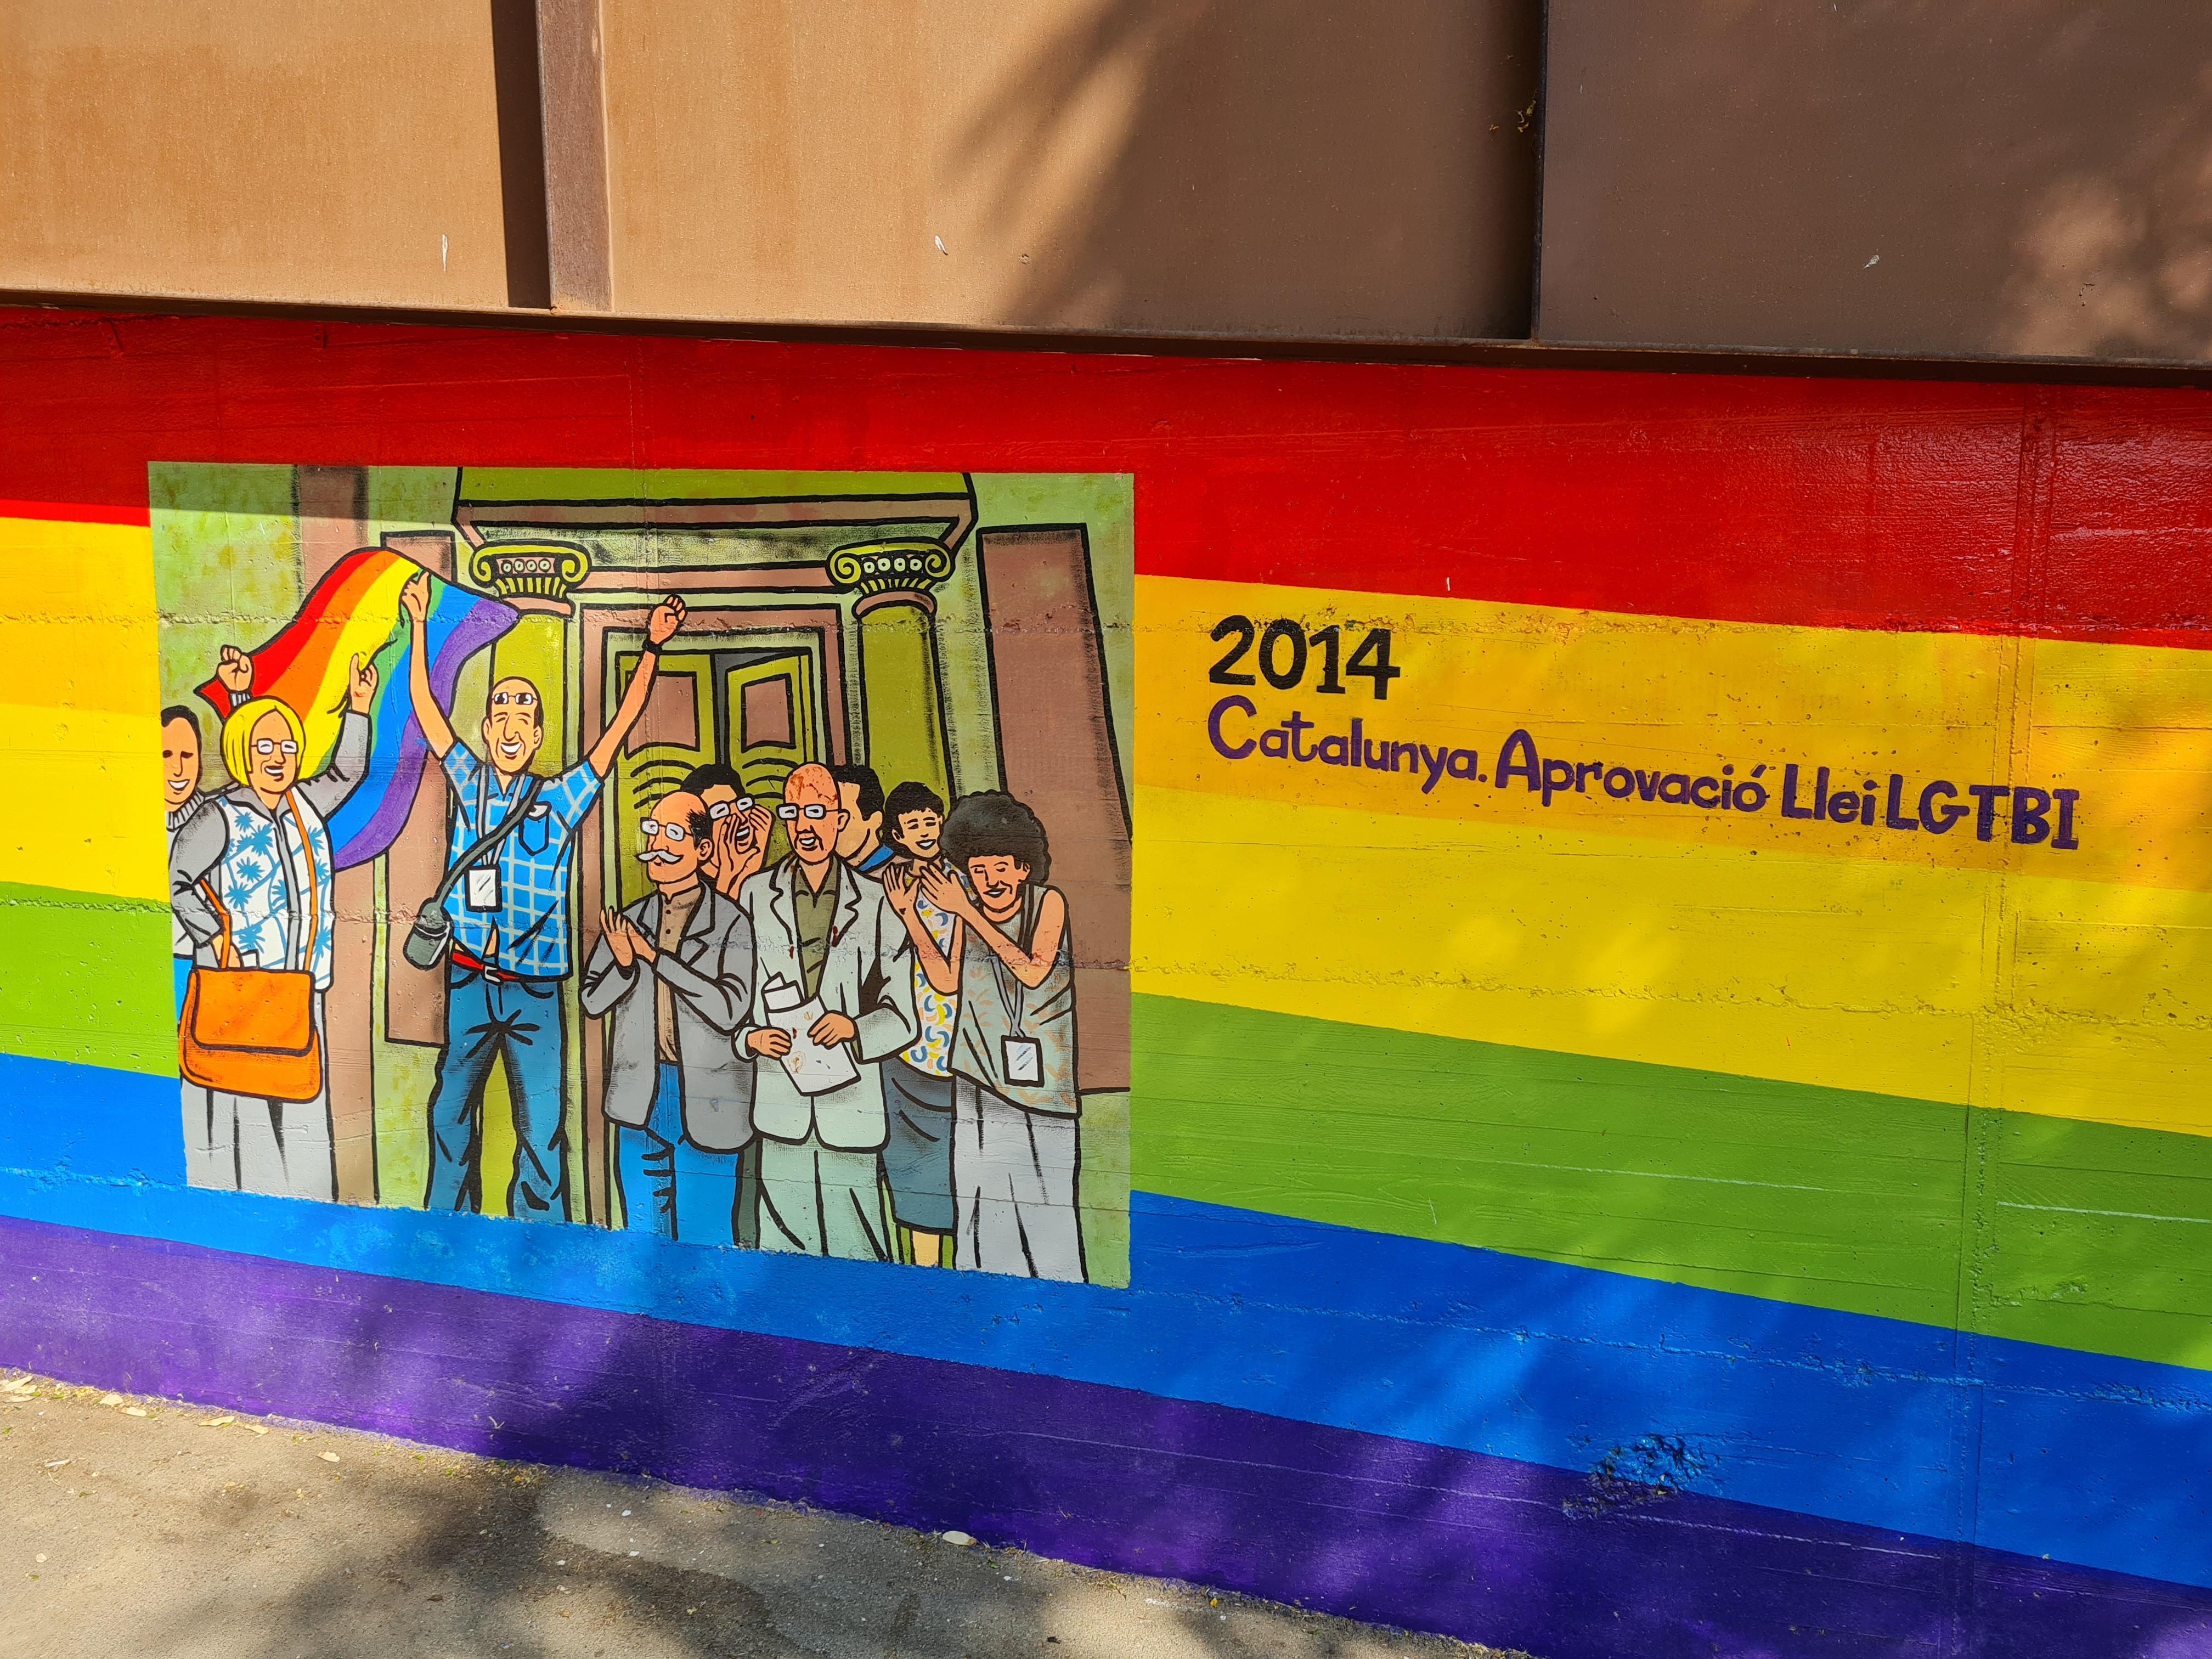 Aprovació llei LGTBI Catalunya